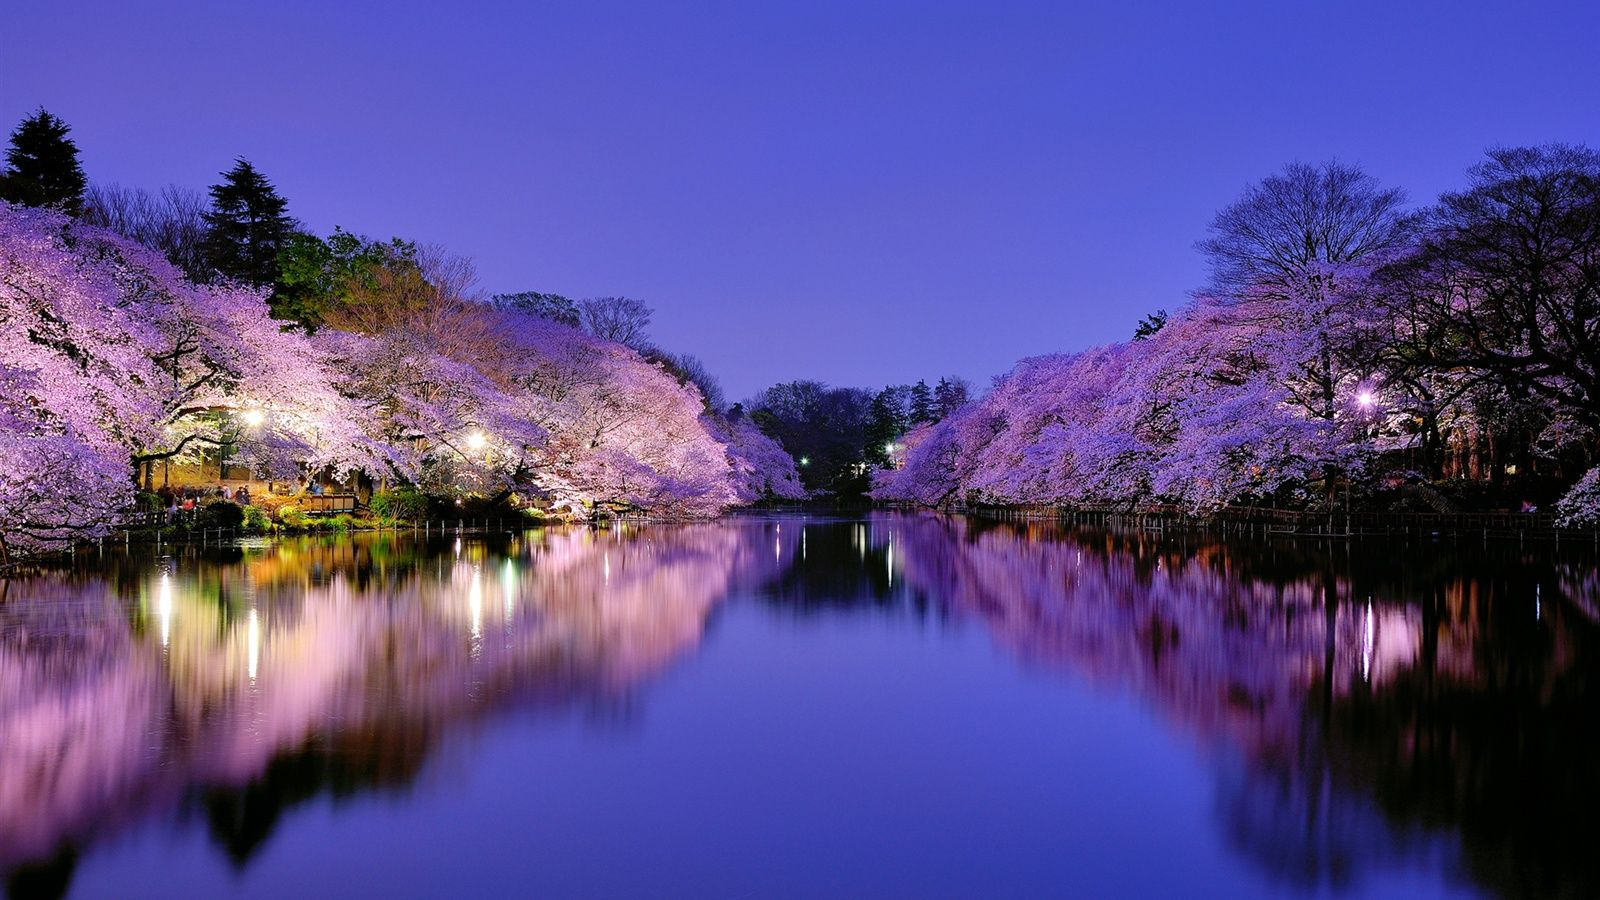 Japon Osaka Parc De La Ville Pendant La Nuit Lac Lumieres Arbre